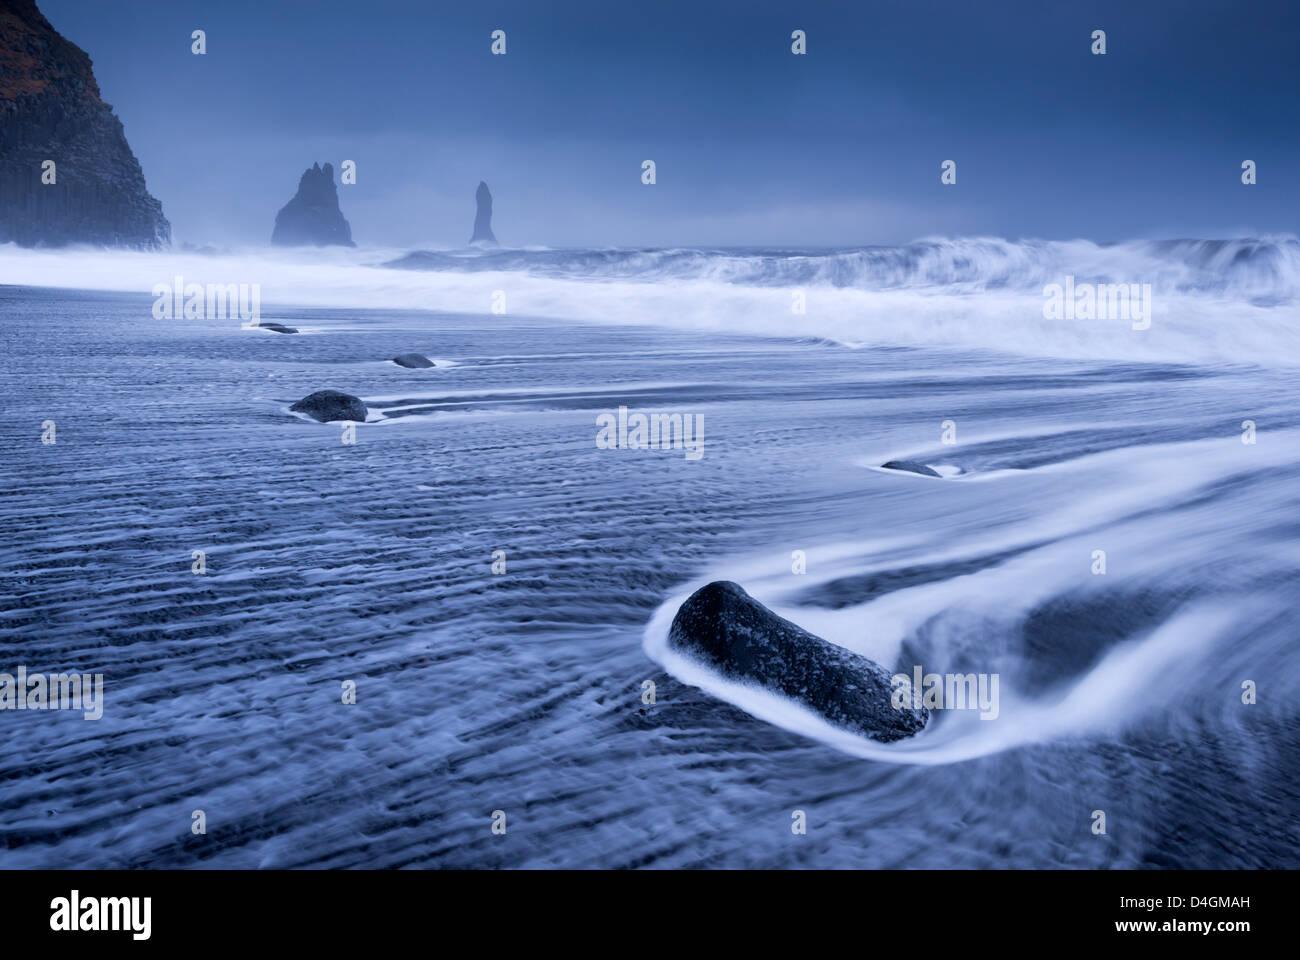 Se précipitant sur les vagues de la plage de sable noir près de Vik, sur la côte sud de l'Islande. Photo Stock